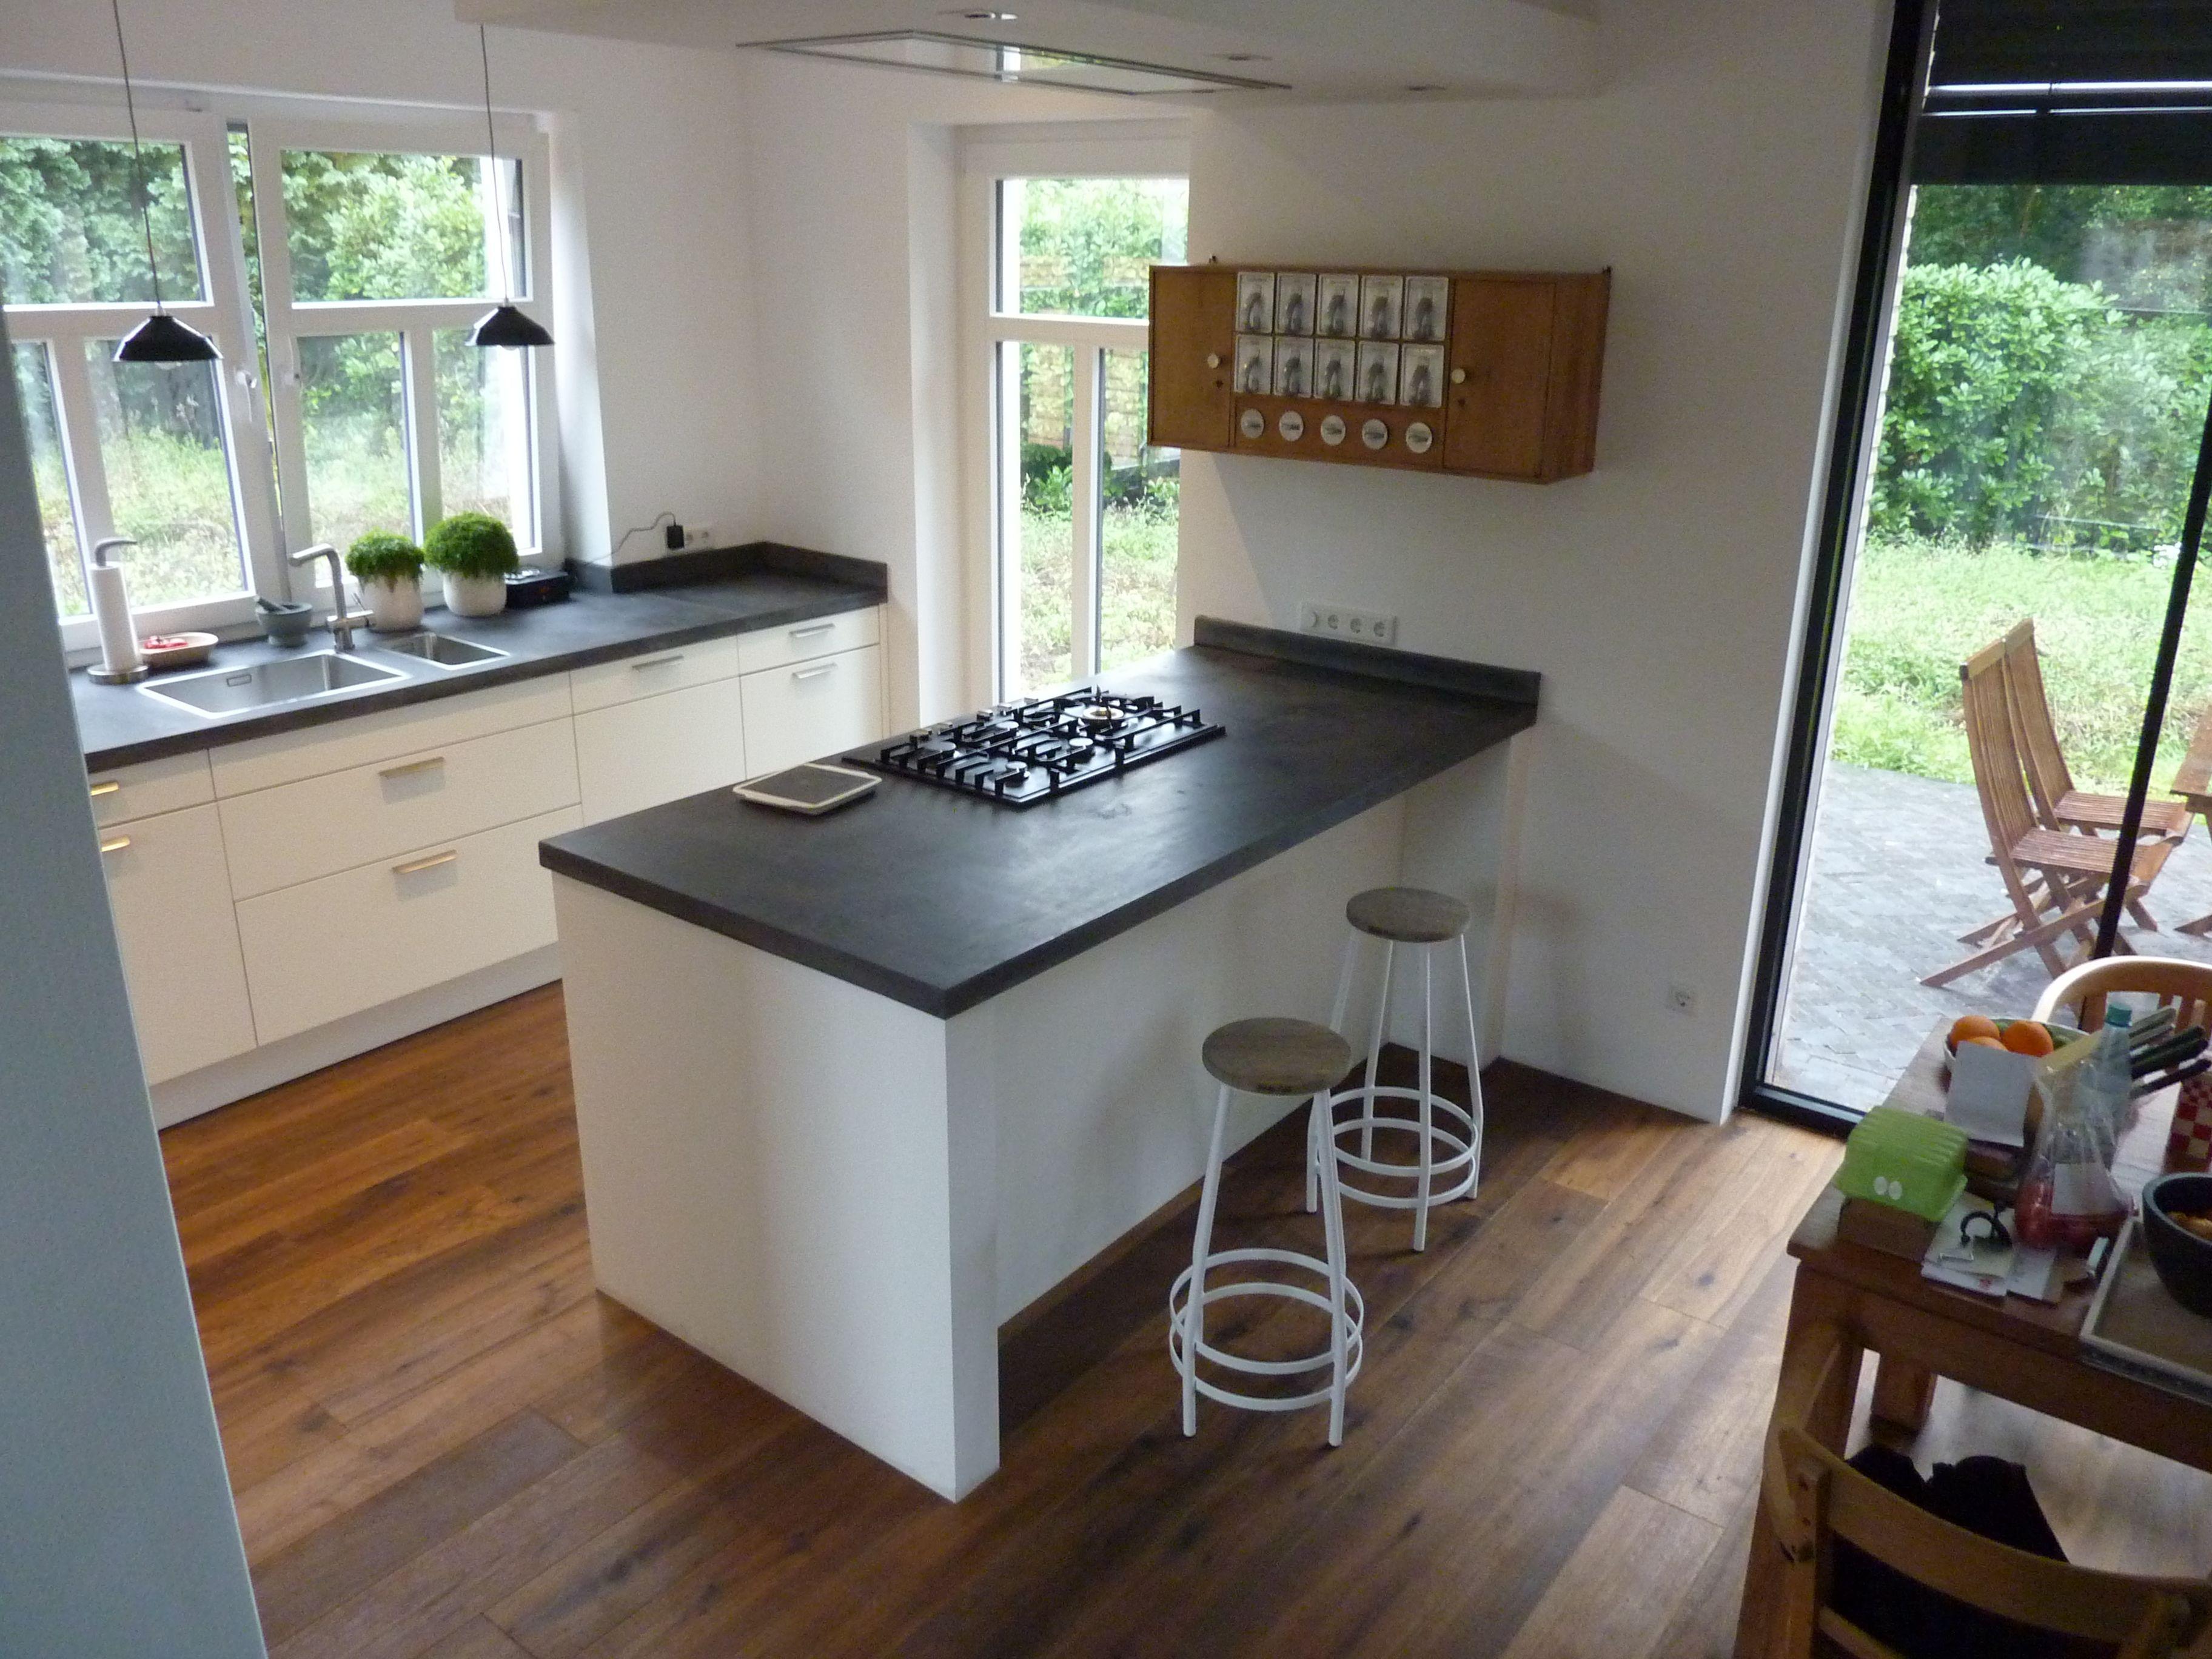 Beton Küchenarbeitsplatte eine beton küchenarbeitsplatte mit eingelassenem kochfeld und